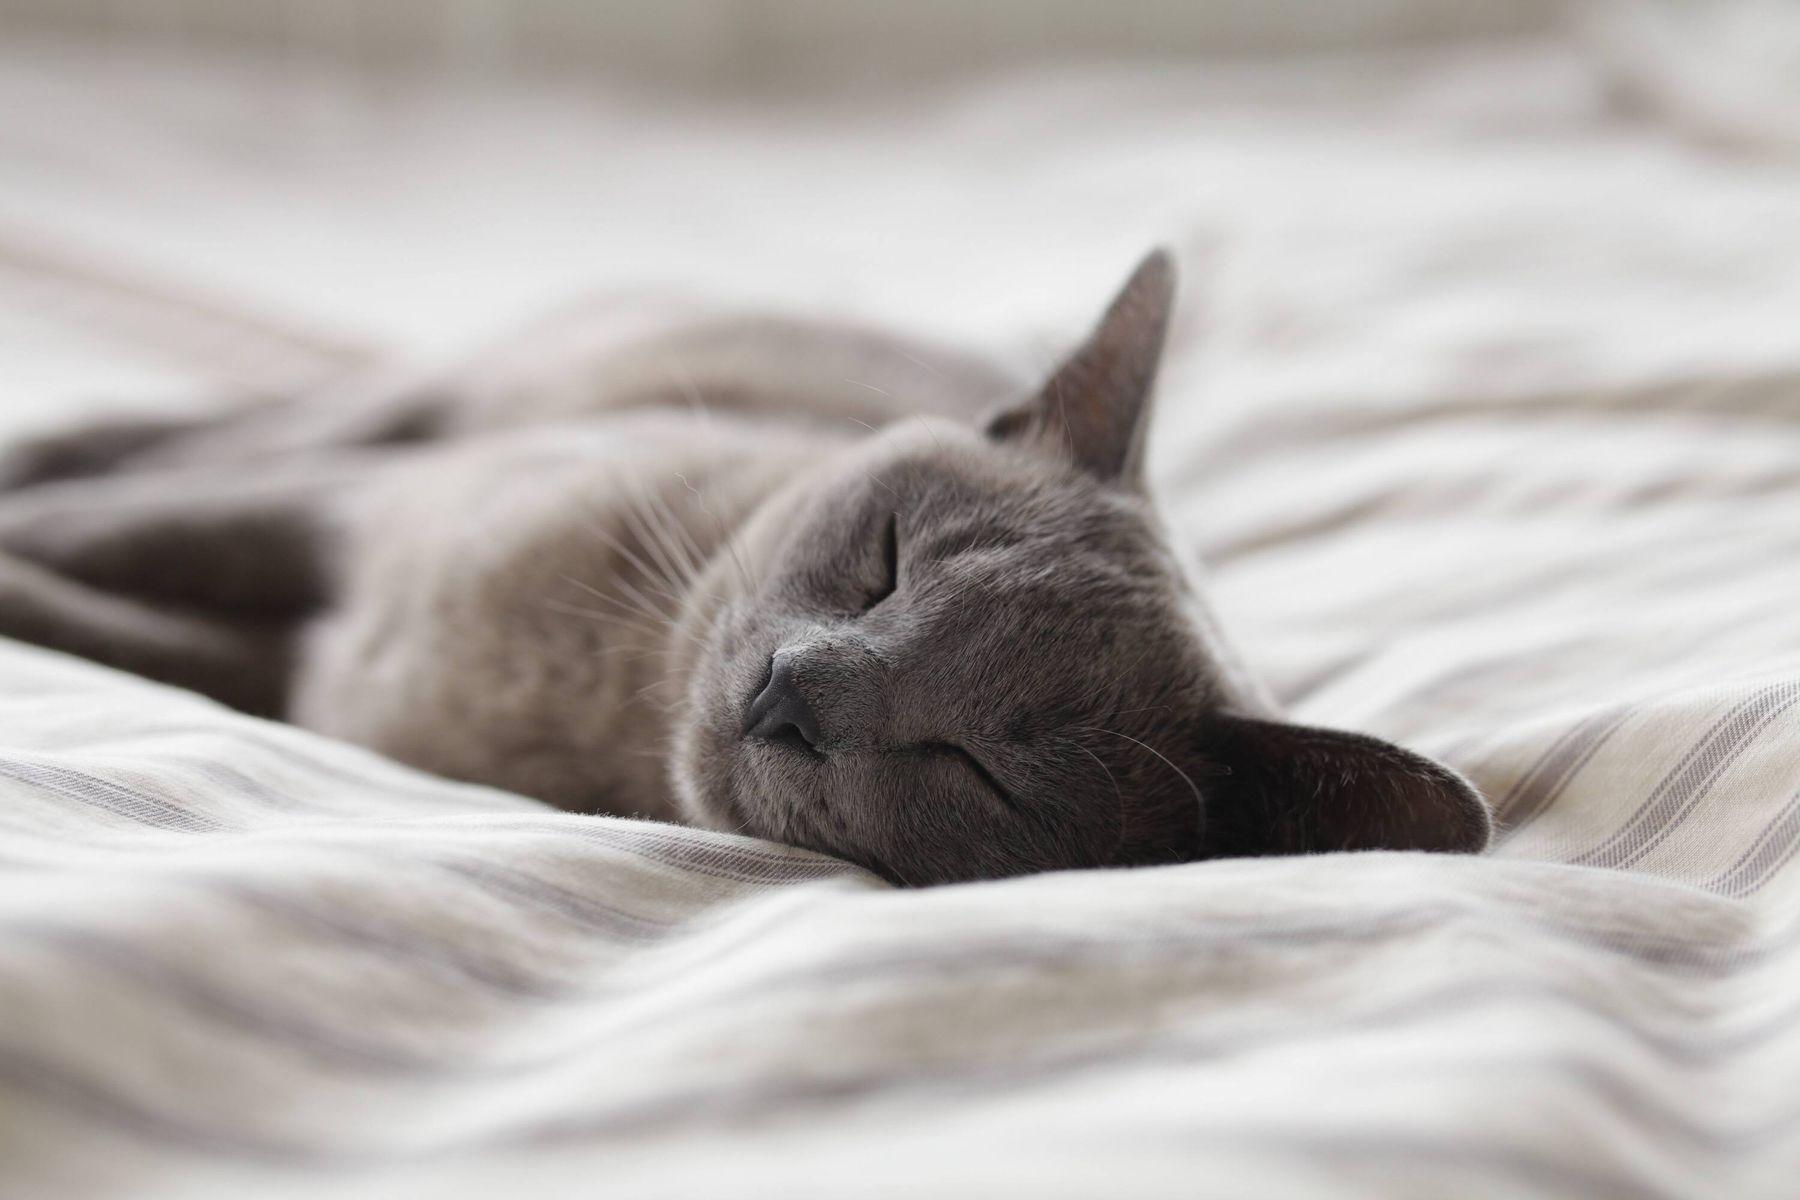 Kedi Yatağı Nasıl Yapılır?